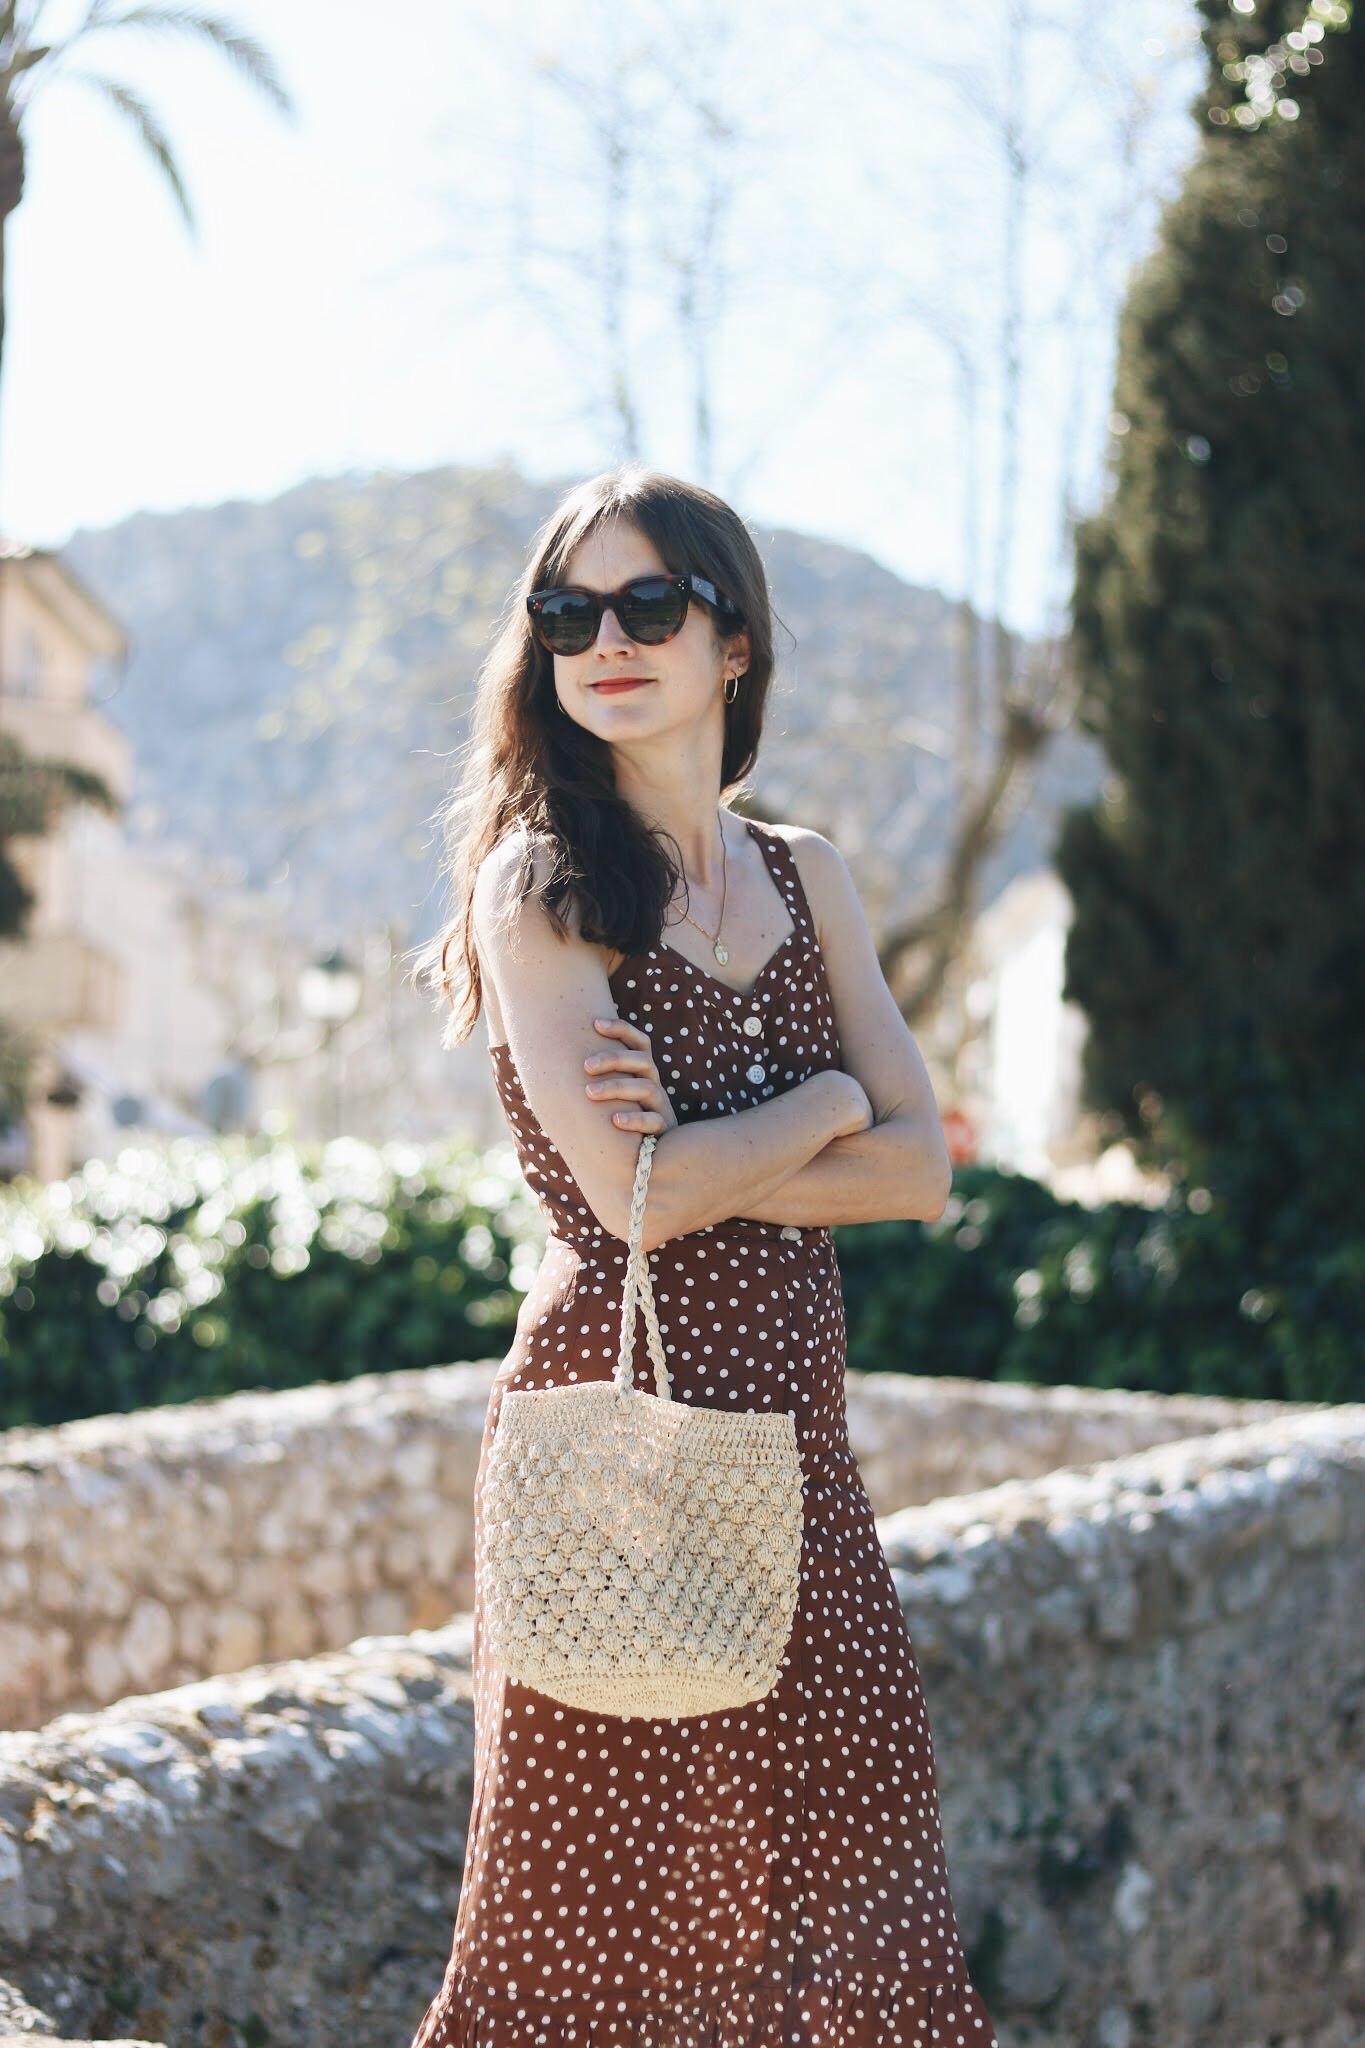 Korbtasche kombinieren rund gepunktetes Kleid Celine Sonnenbrille Outfit Blog